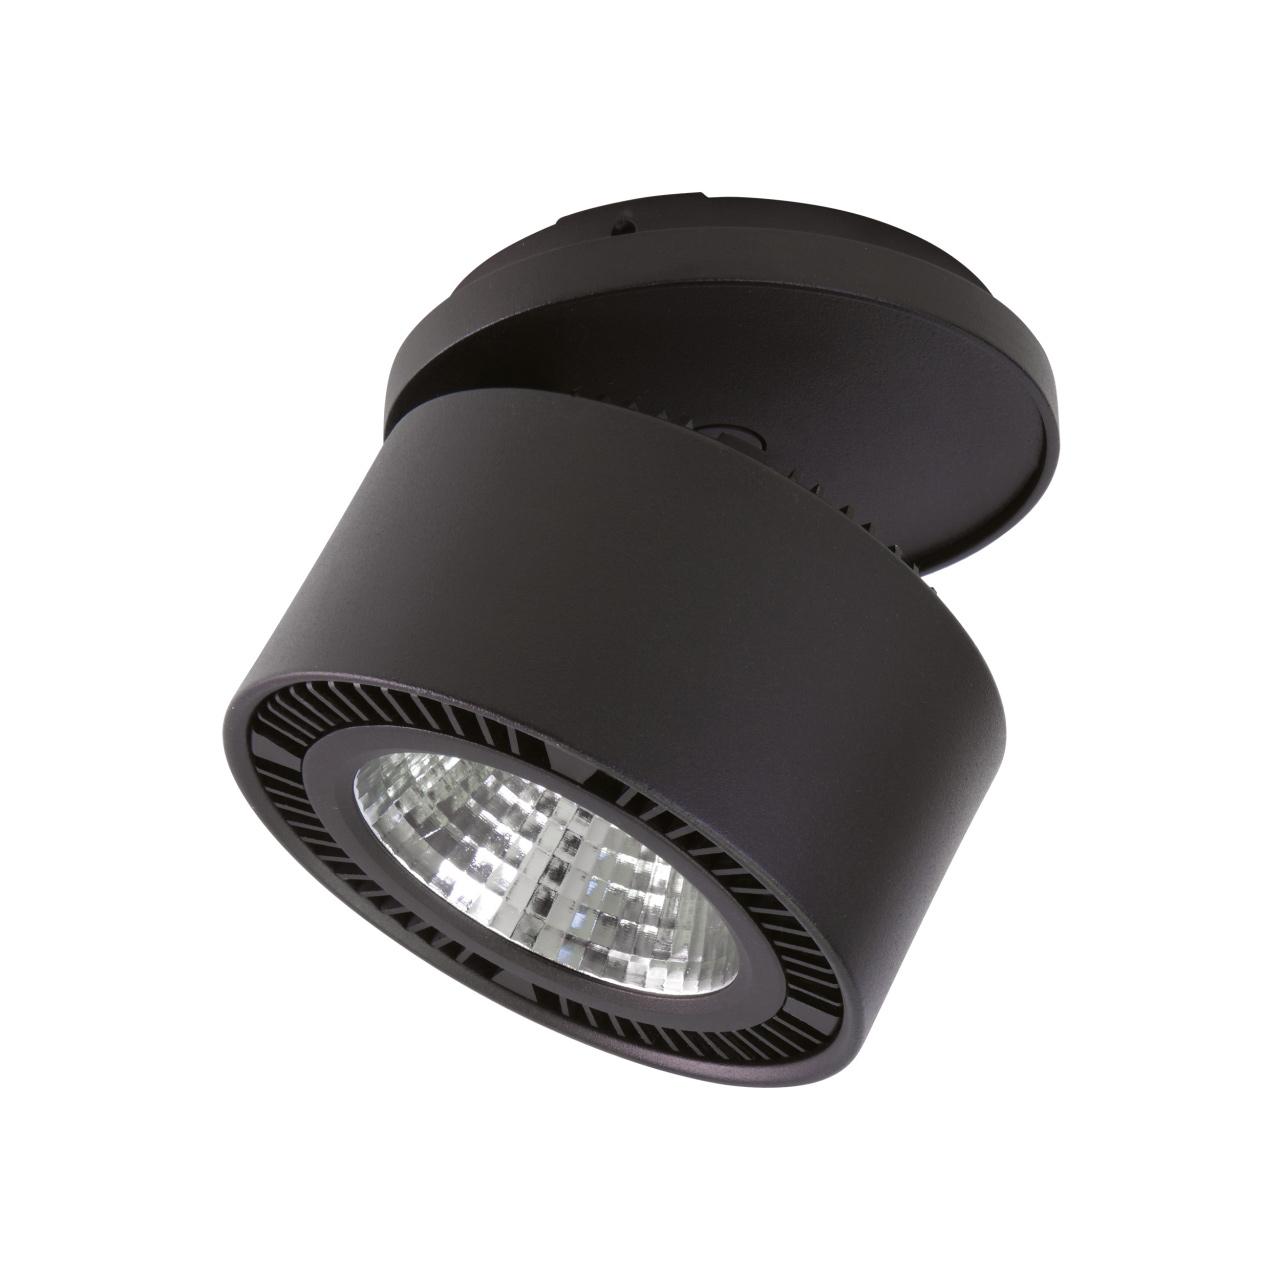 Светильник Forte inca LED 40W 3400LM 30G черный 4000K Lightstar 214847